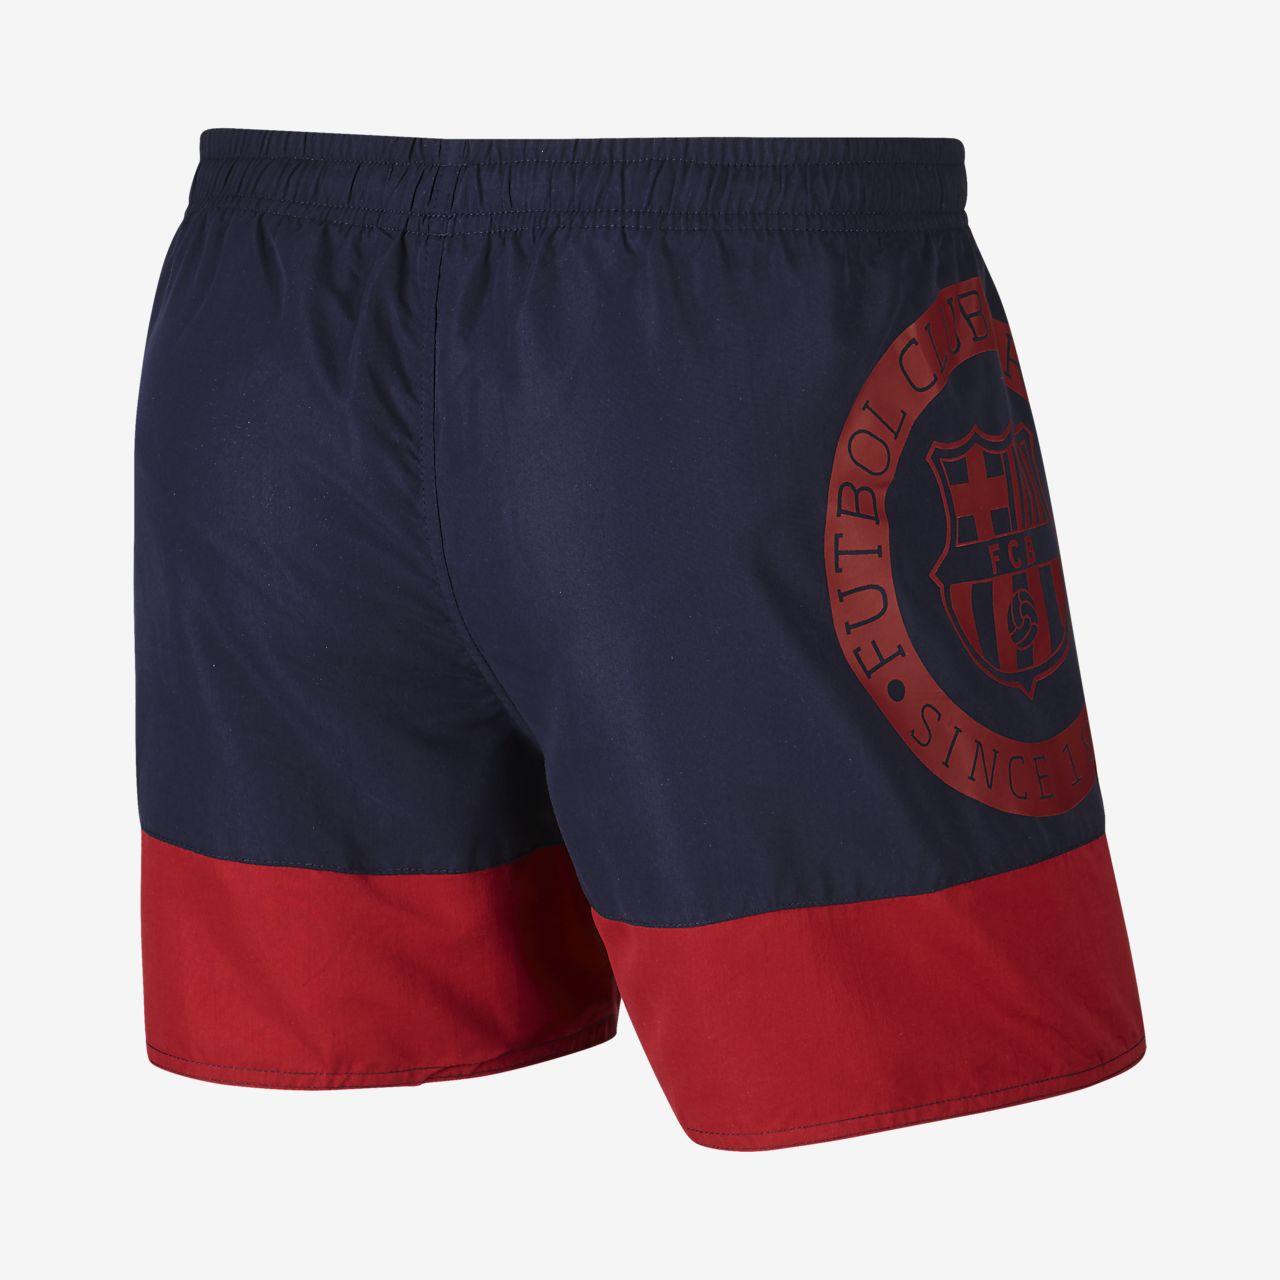 Bol Zwembroek.Fc Barcelona Zwembroek Voor Heren Nike Com Nl